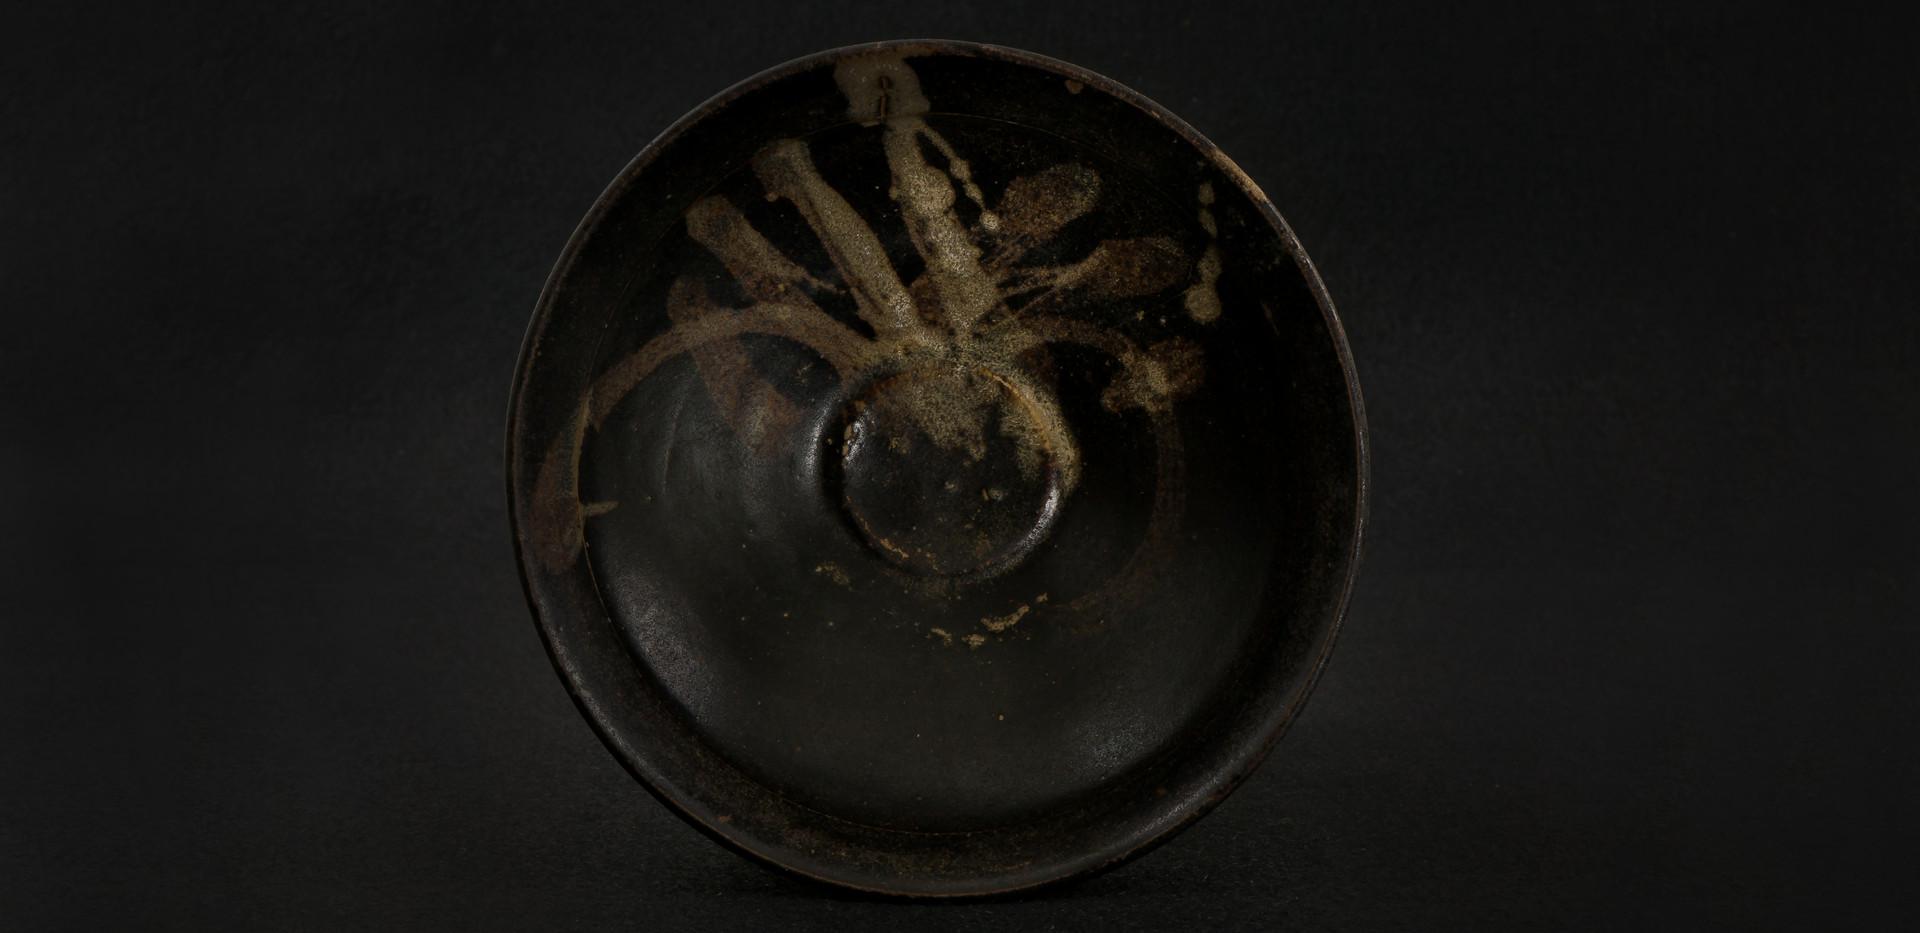 吉州窯黑釉